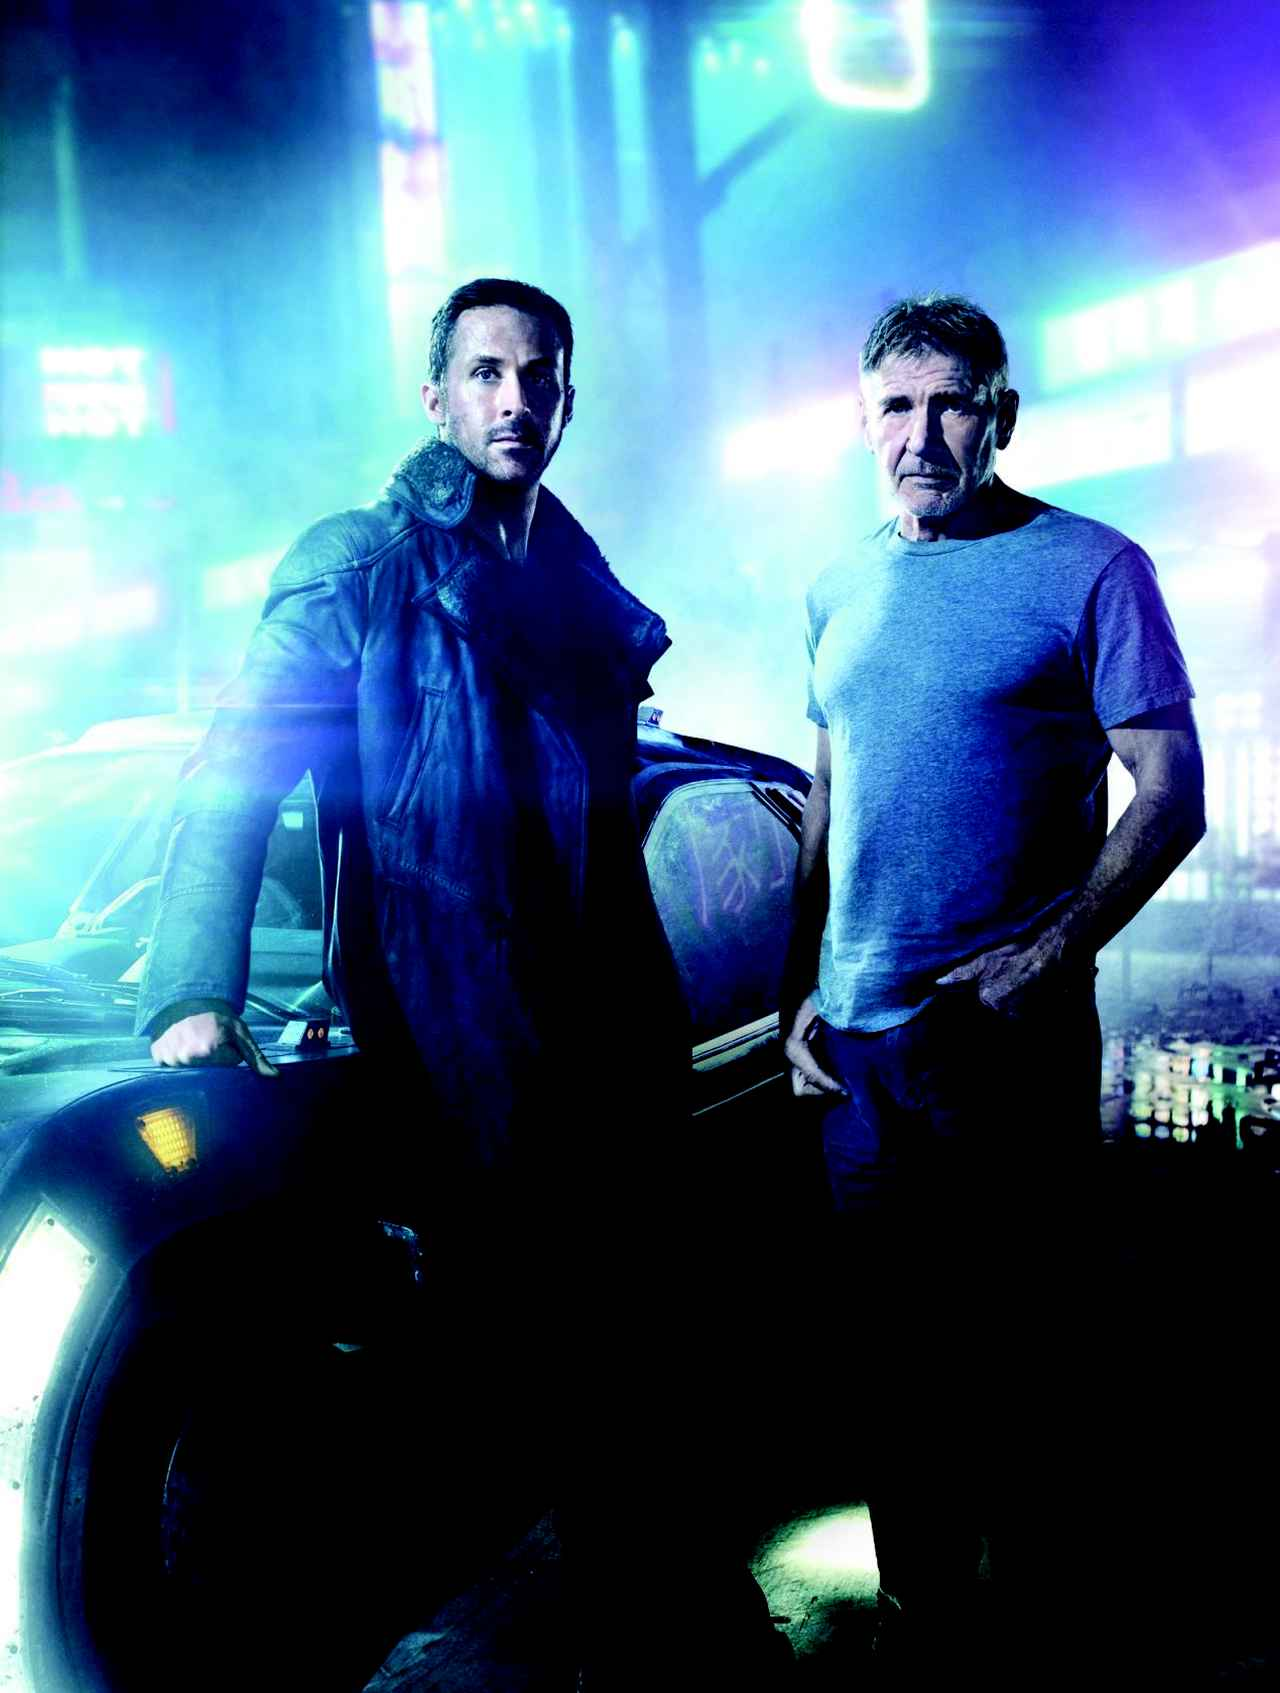 画像: SF映画史上最高の傑作と名高い『ブレードランナー』の続編『ブレードランナー 2049』のツーショット写真が解禁! - LAWRENCE - Motorcycle x Cars + α = Your Life.